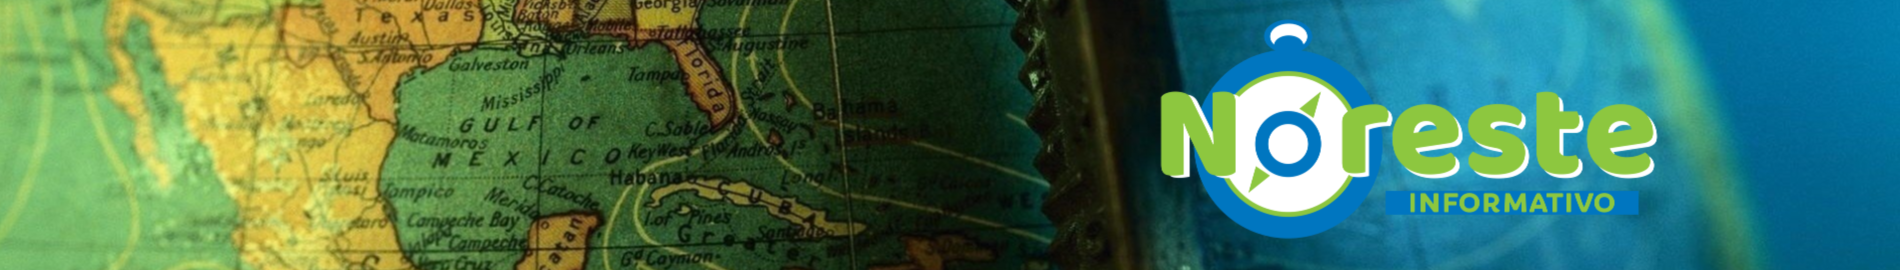 Información del noreste del país y lo más destacado de México y el mundo | elnoreste.mx – contacto@elnoreste.mx – 8671306464